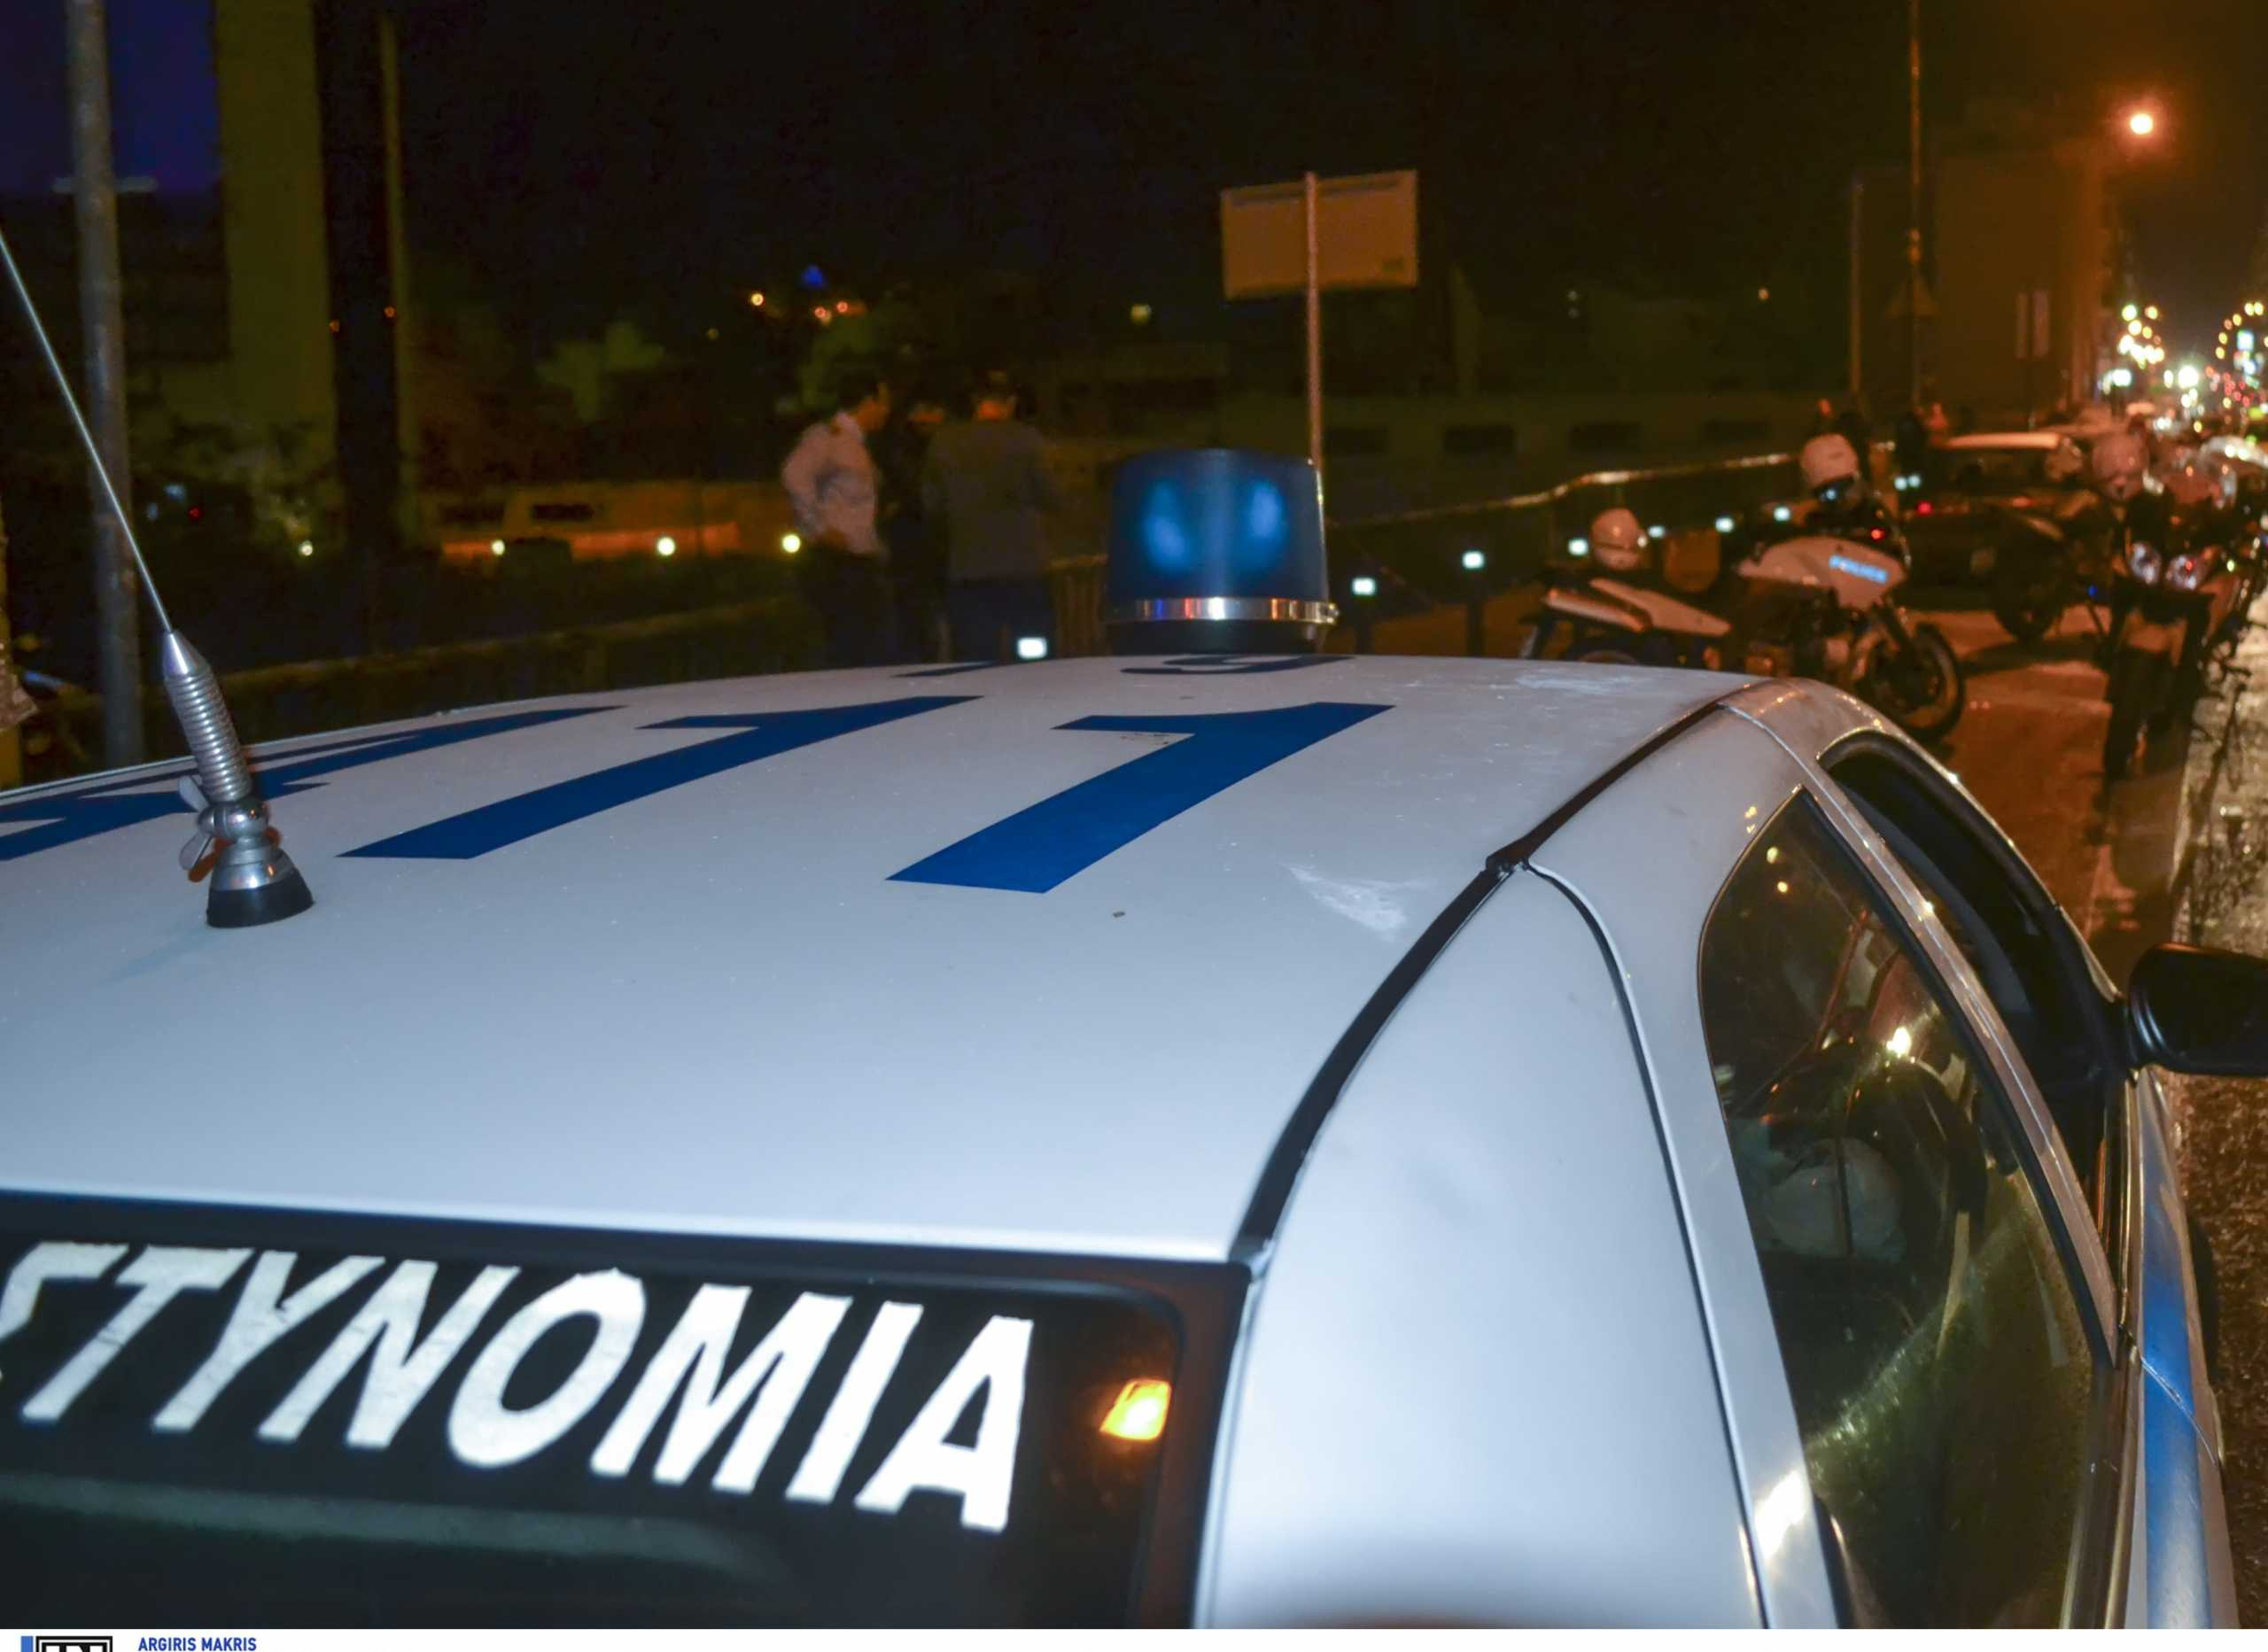 Χαλκιδική: Οπαδικό επεισόδιο με μαχαιρώματα και δύο τραυματίες – Έξι συλλήψεις από την ΕΛ.ΑΣ